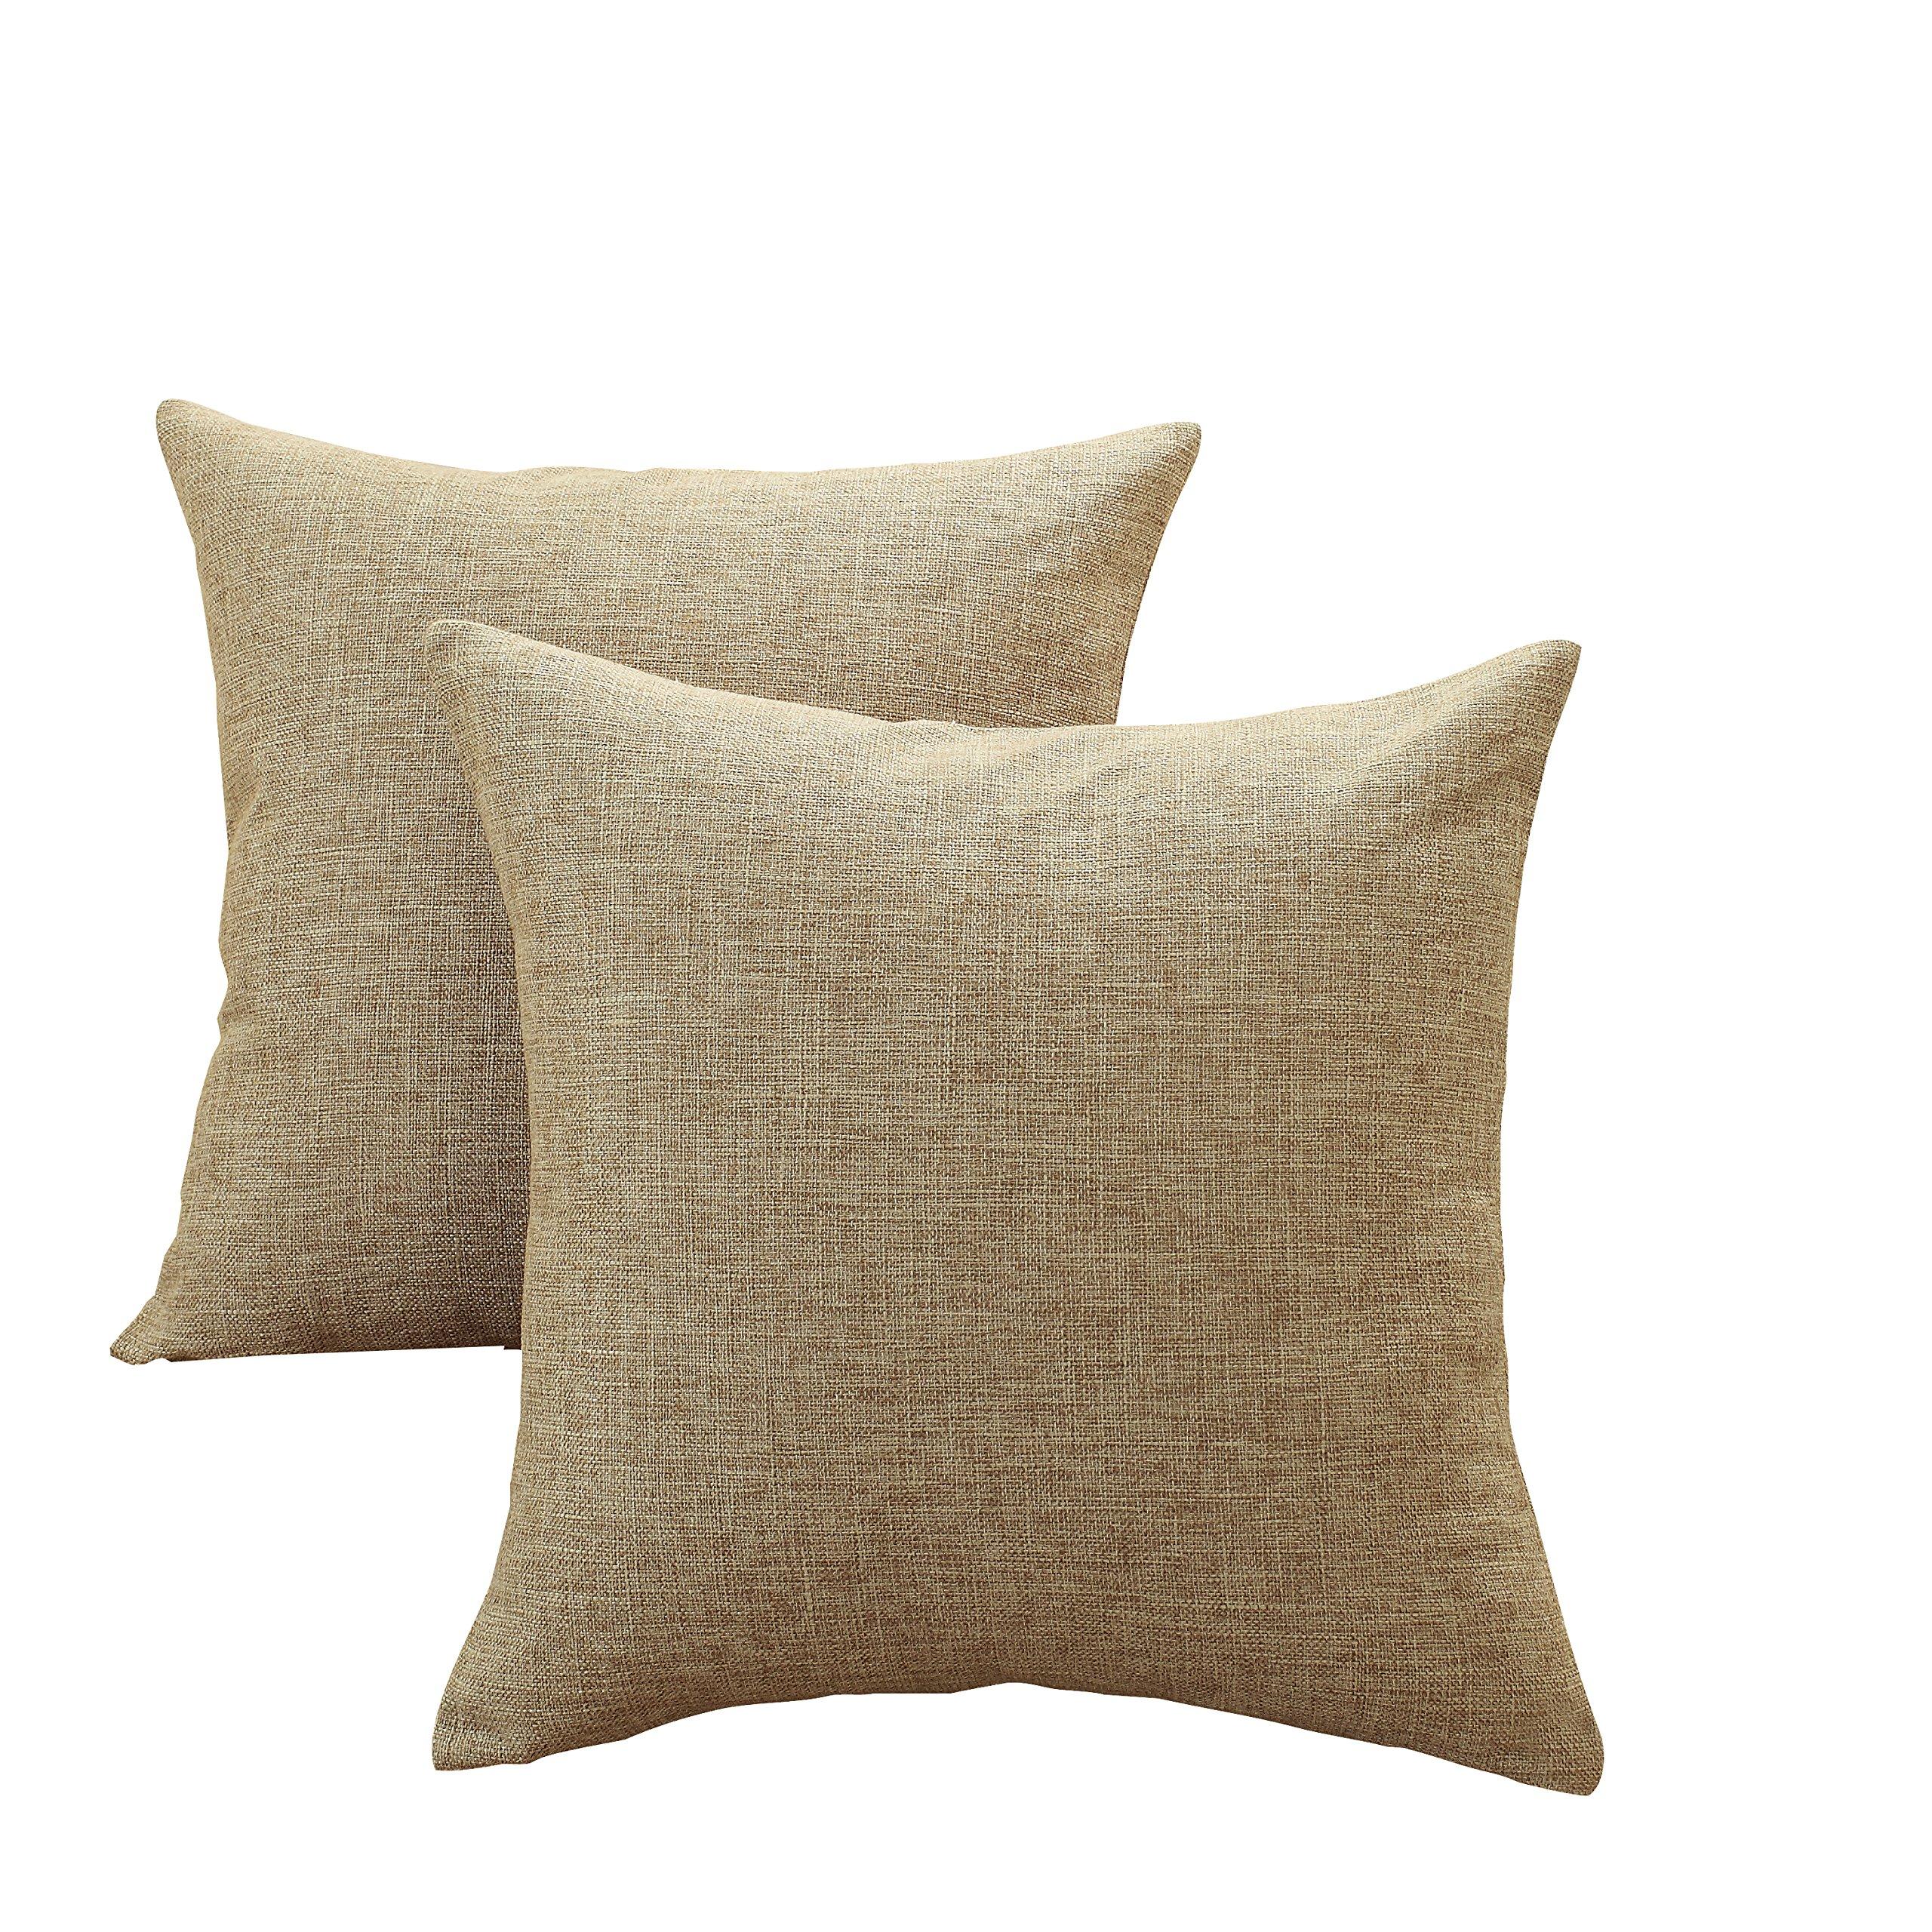 Sunday Praise Cotton Linen Decorative Classical